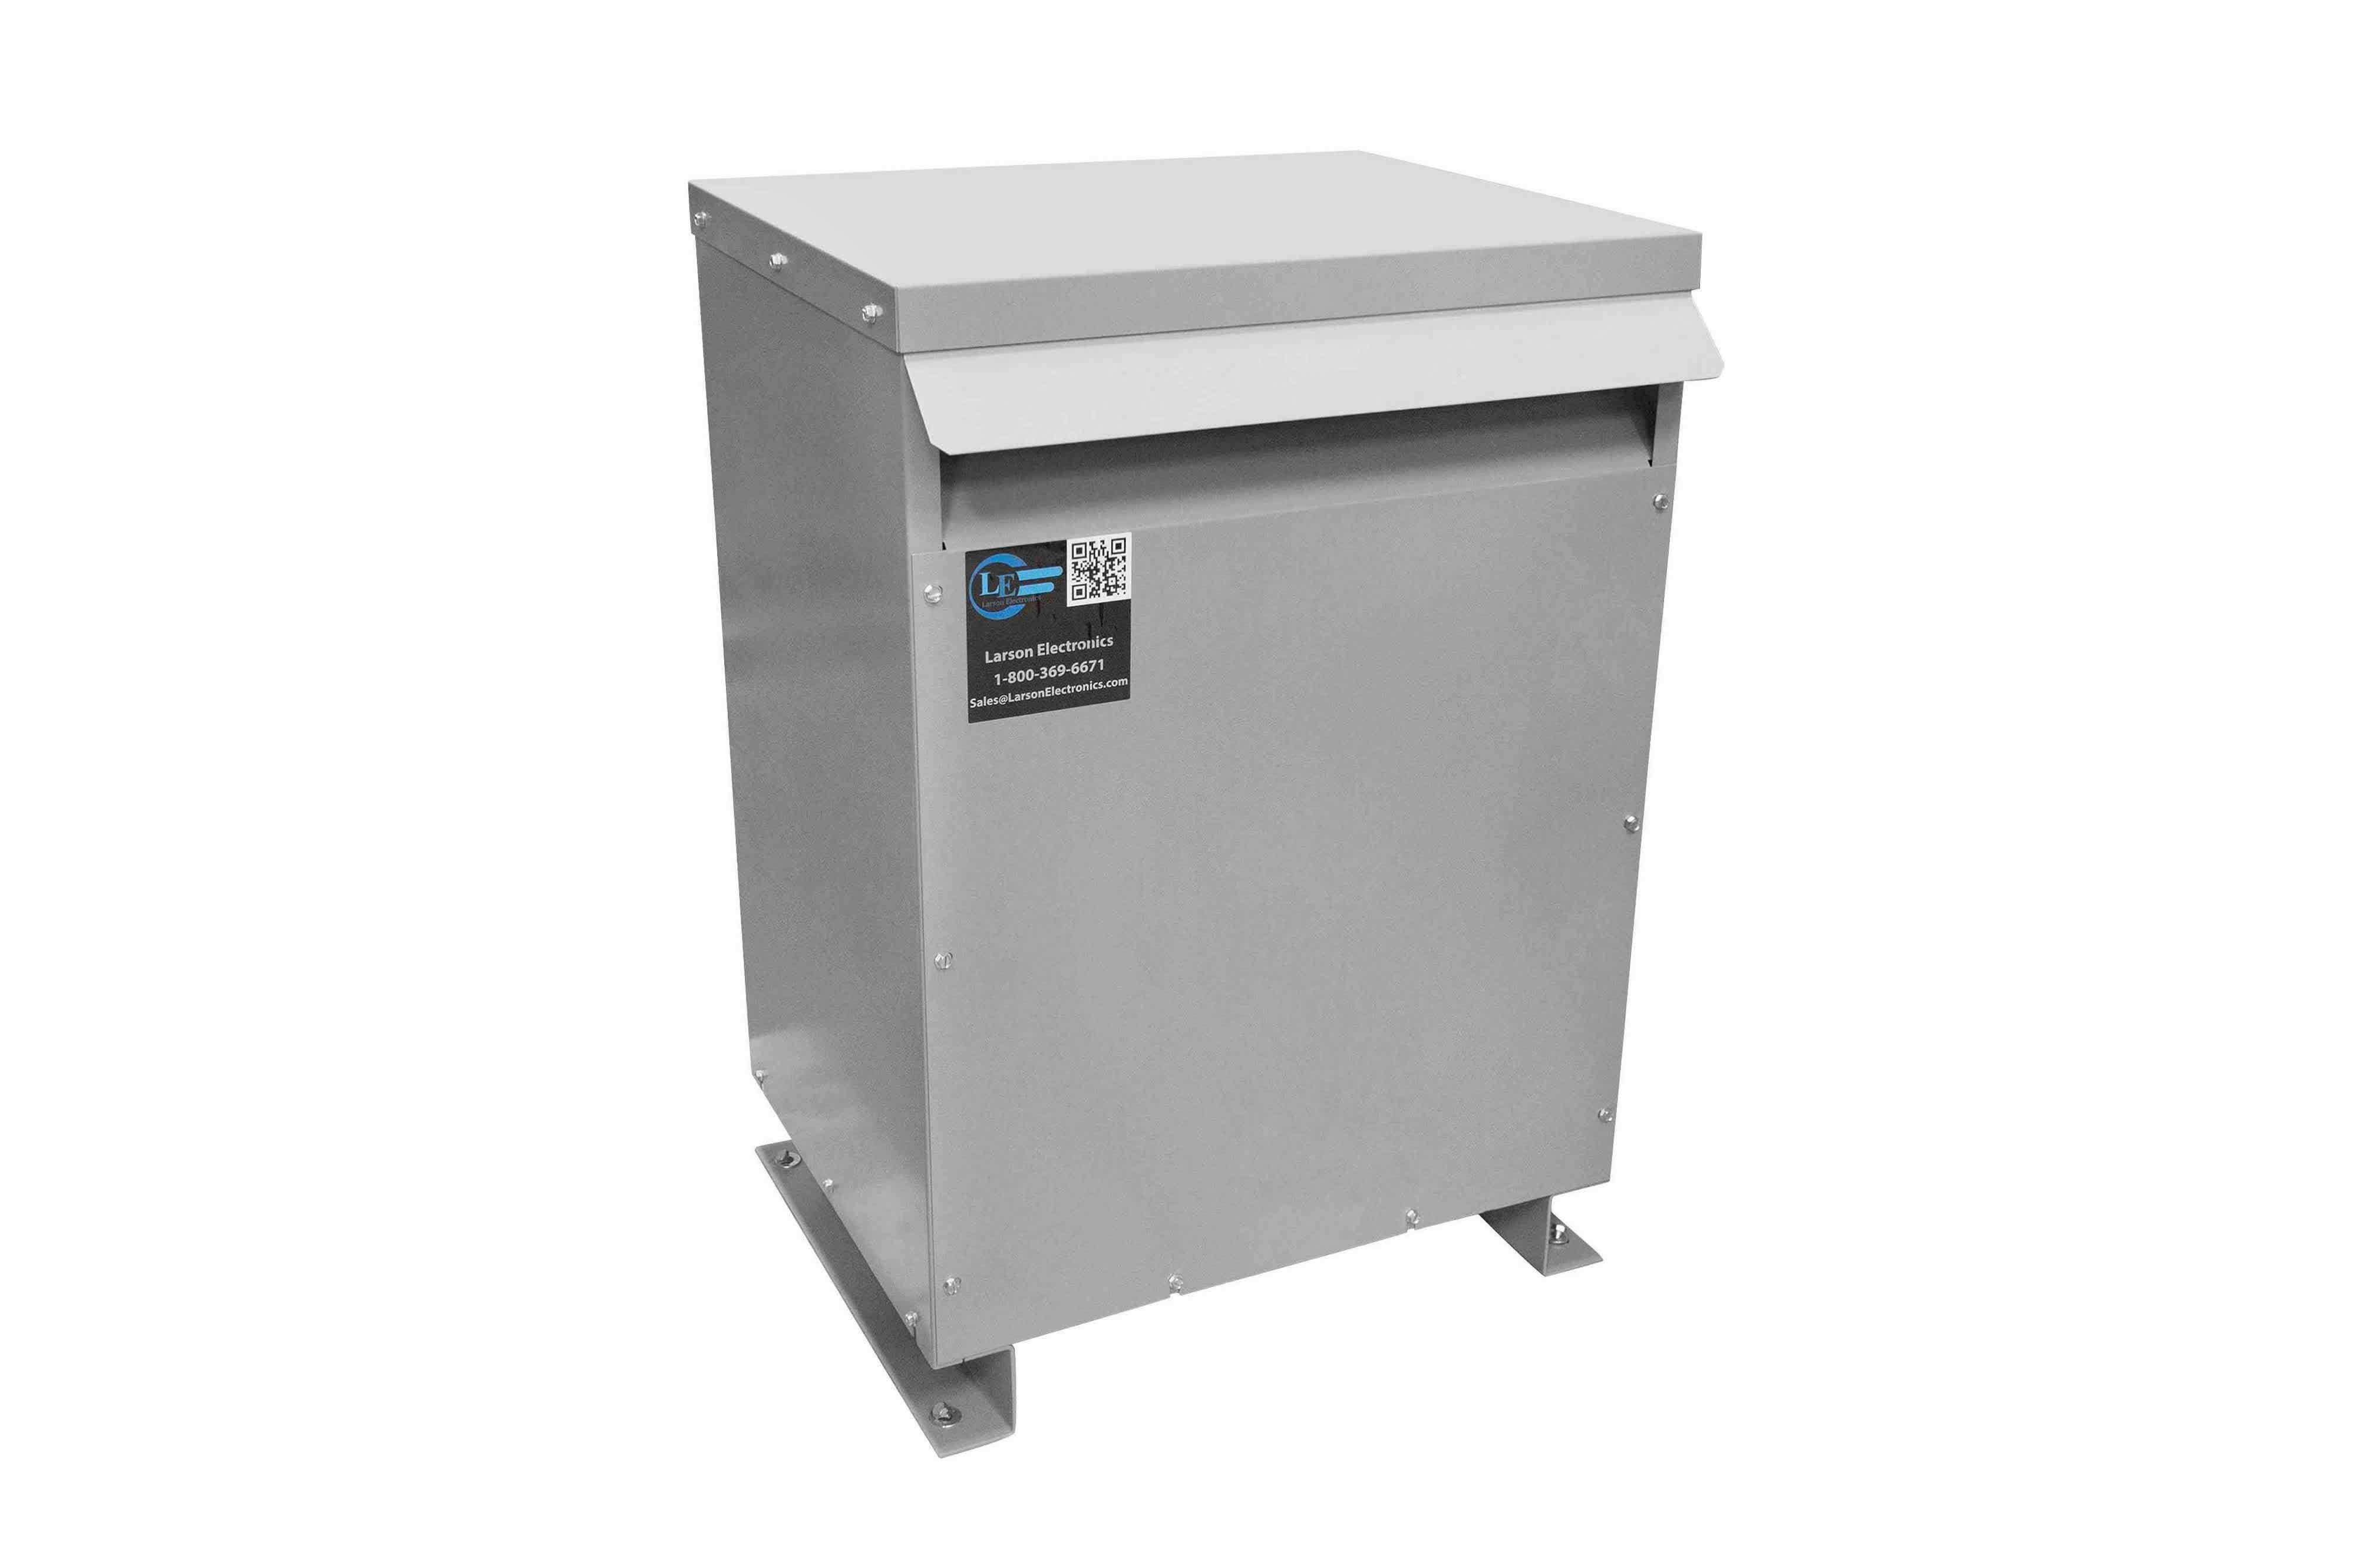 750 kVA 3PH Isolation Transformer, 480V Delta Primary, 400V Delta Secondary, N3R, Ventilated, 60 Hz